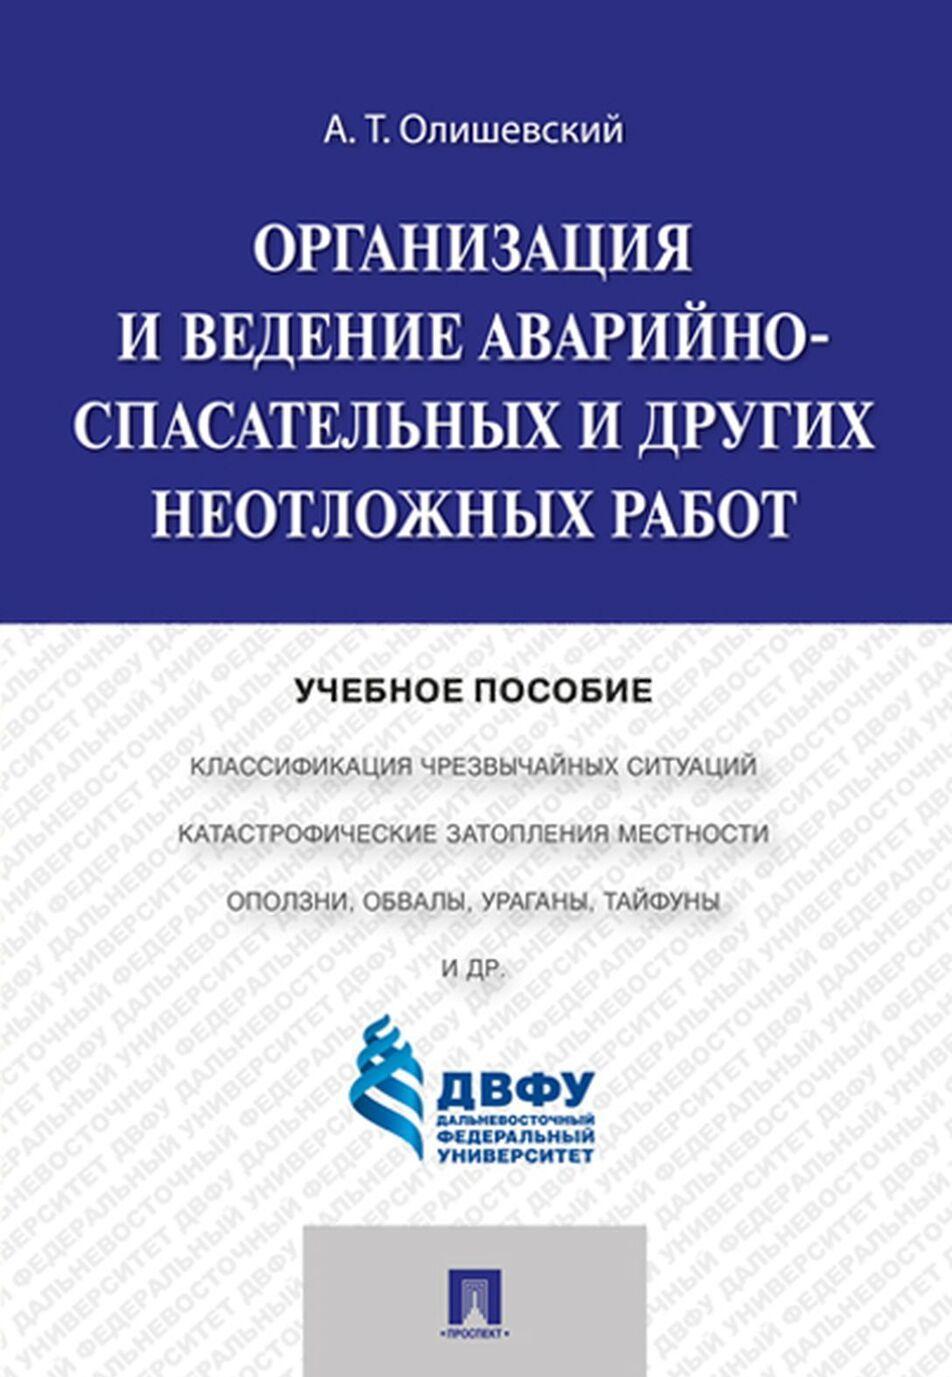 Organizatsija i vedenie avarijno-spasatelnykh i drugikh neotlozhnykh rabot.Uch.pos.-M.:Prospekt,2020.